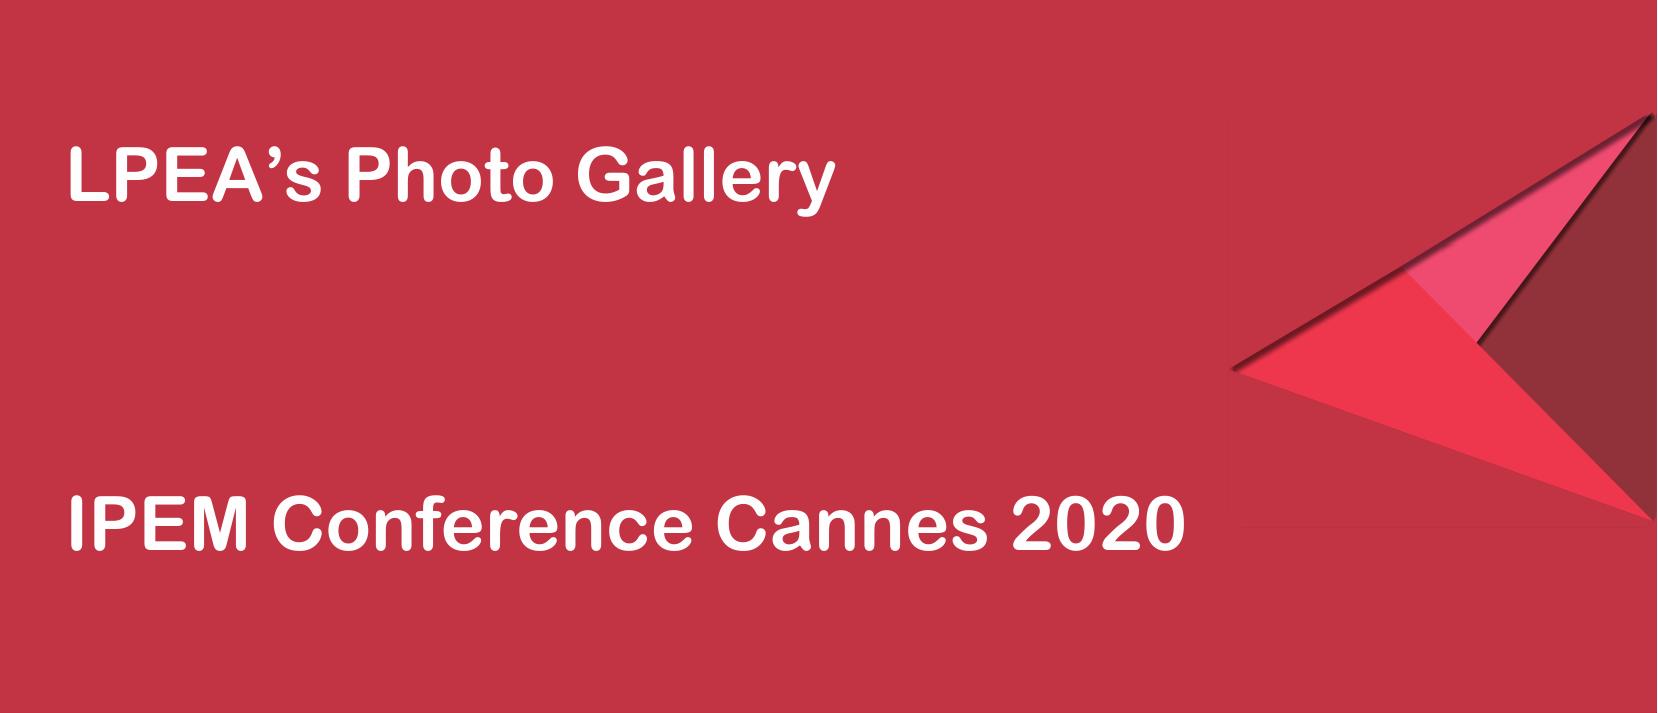 lpea galery ipem 2020 v2